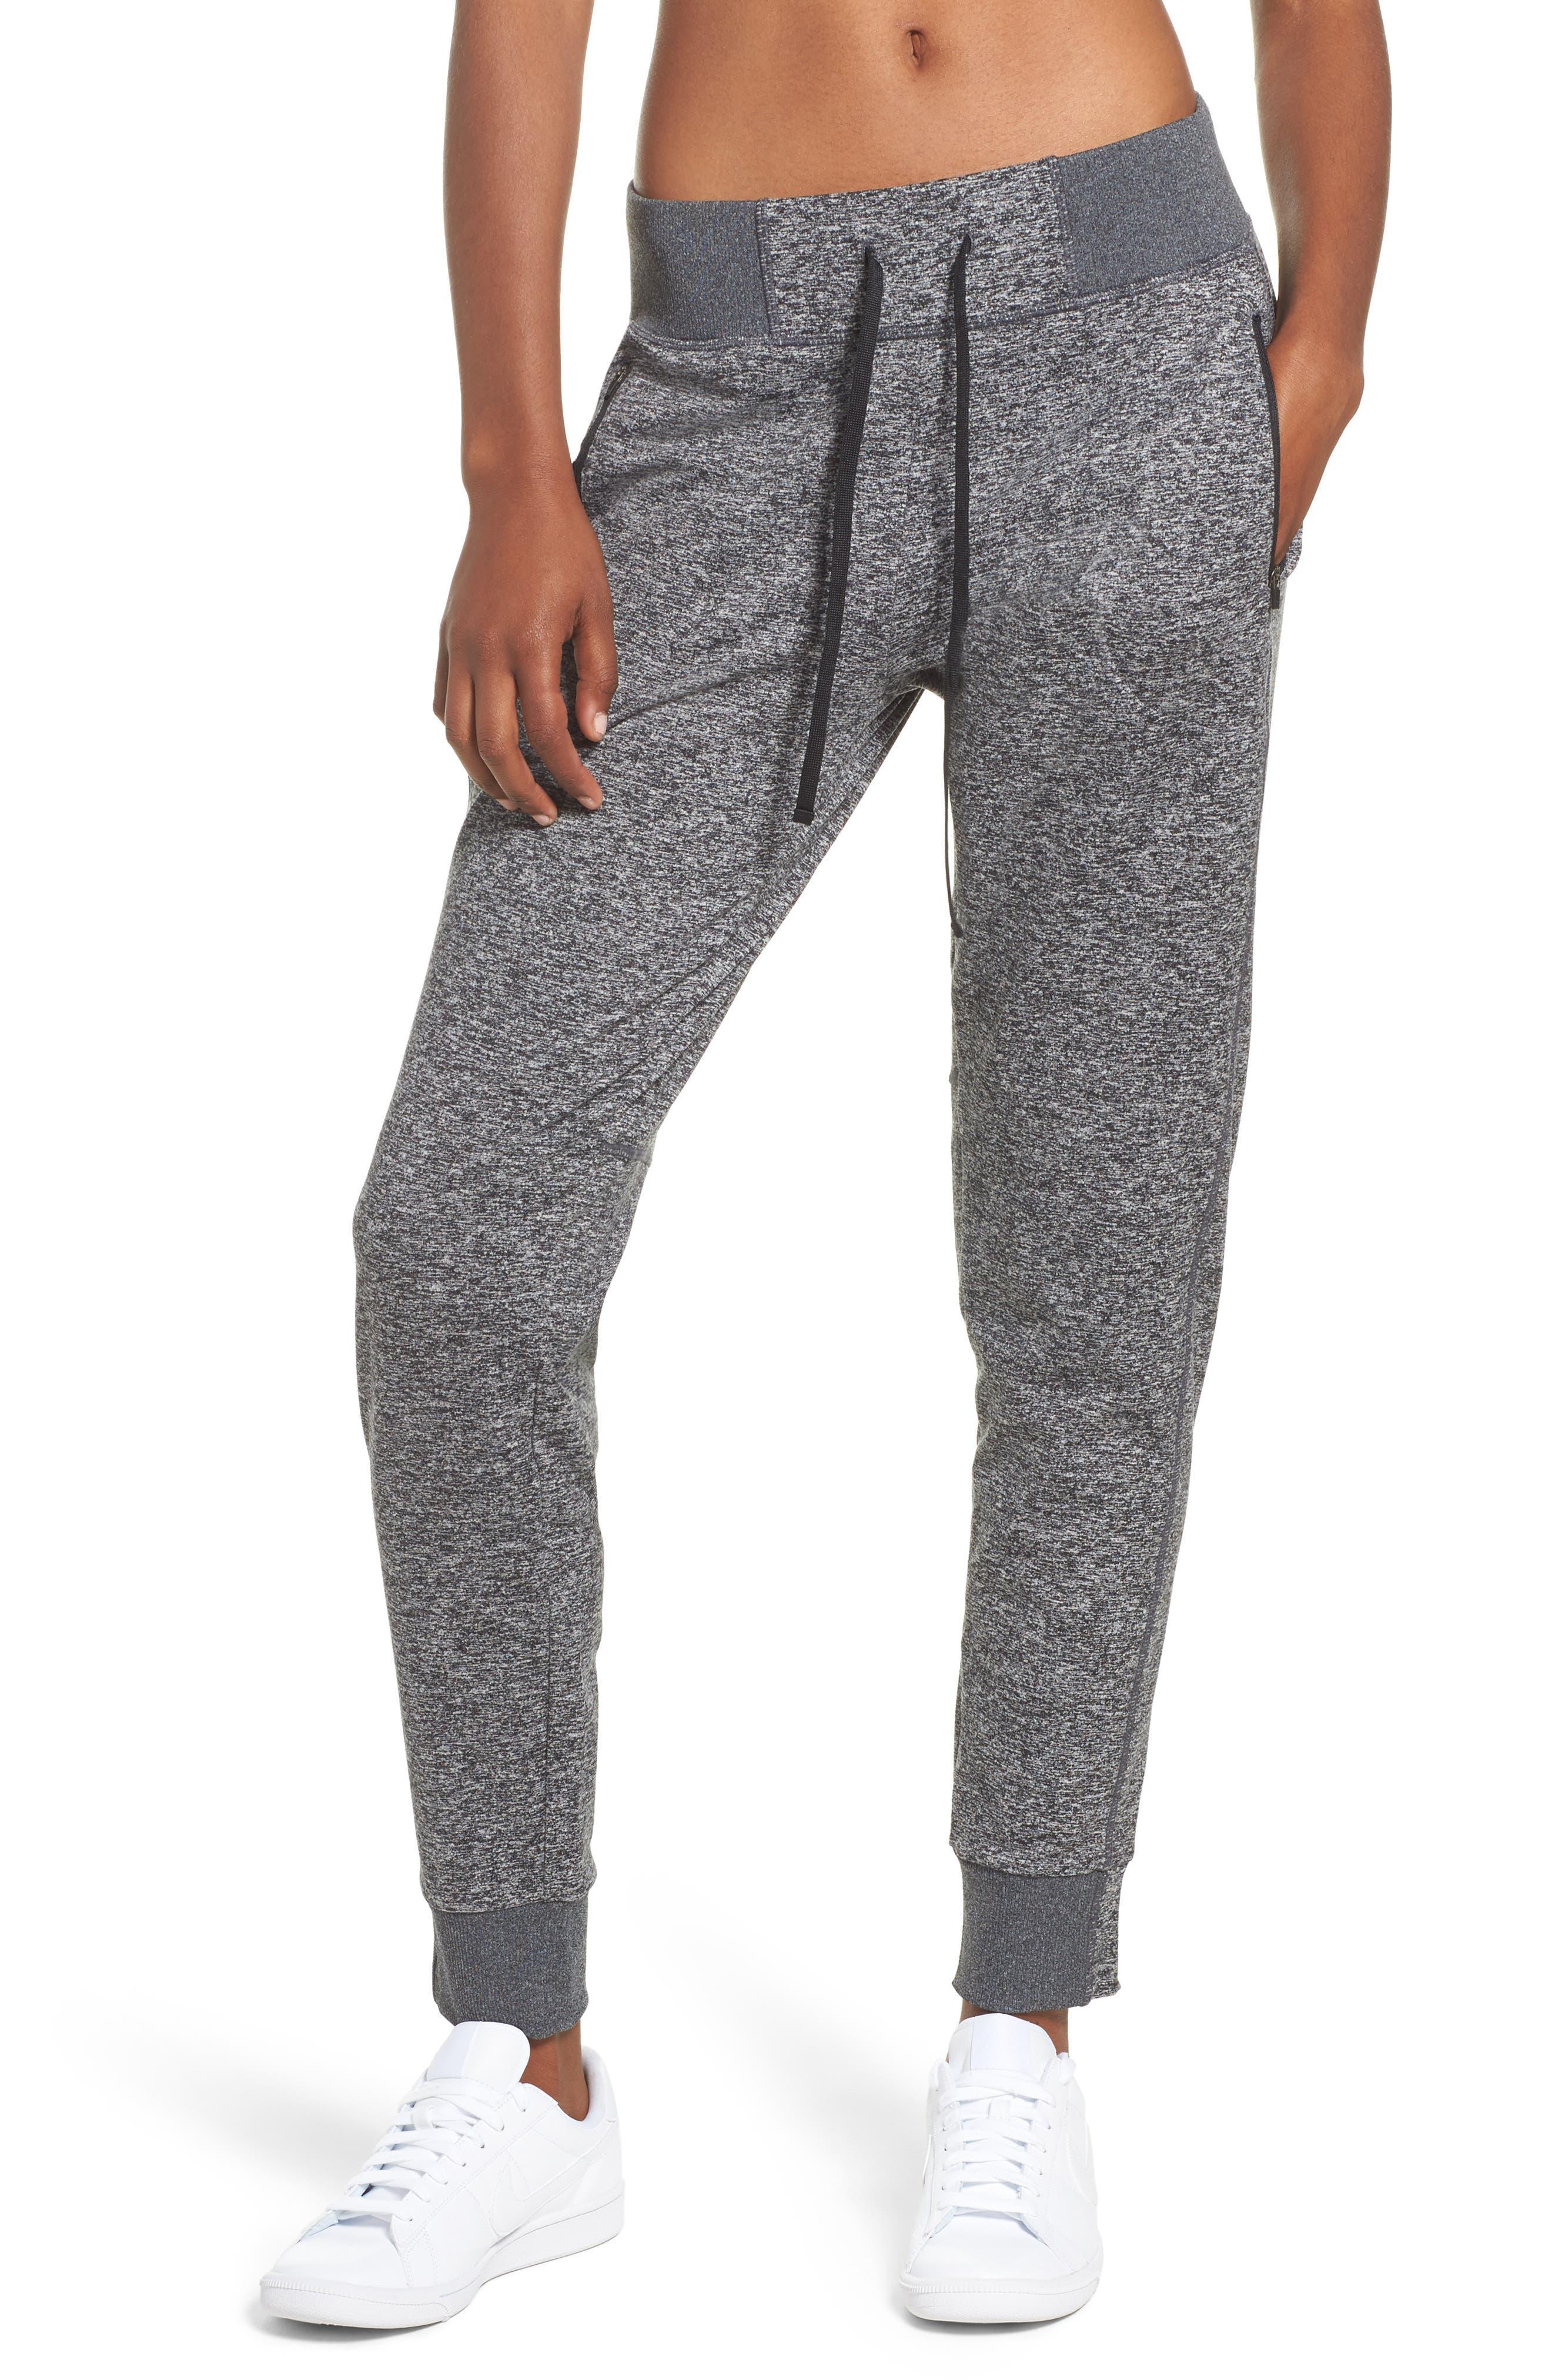 Zella Taryn Sport Knit Leggings